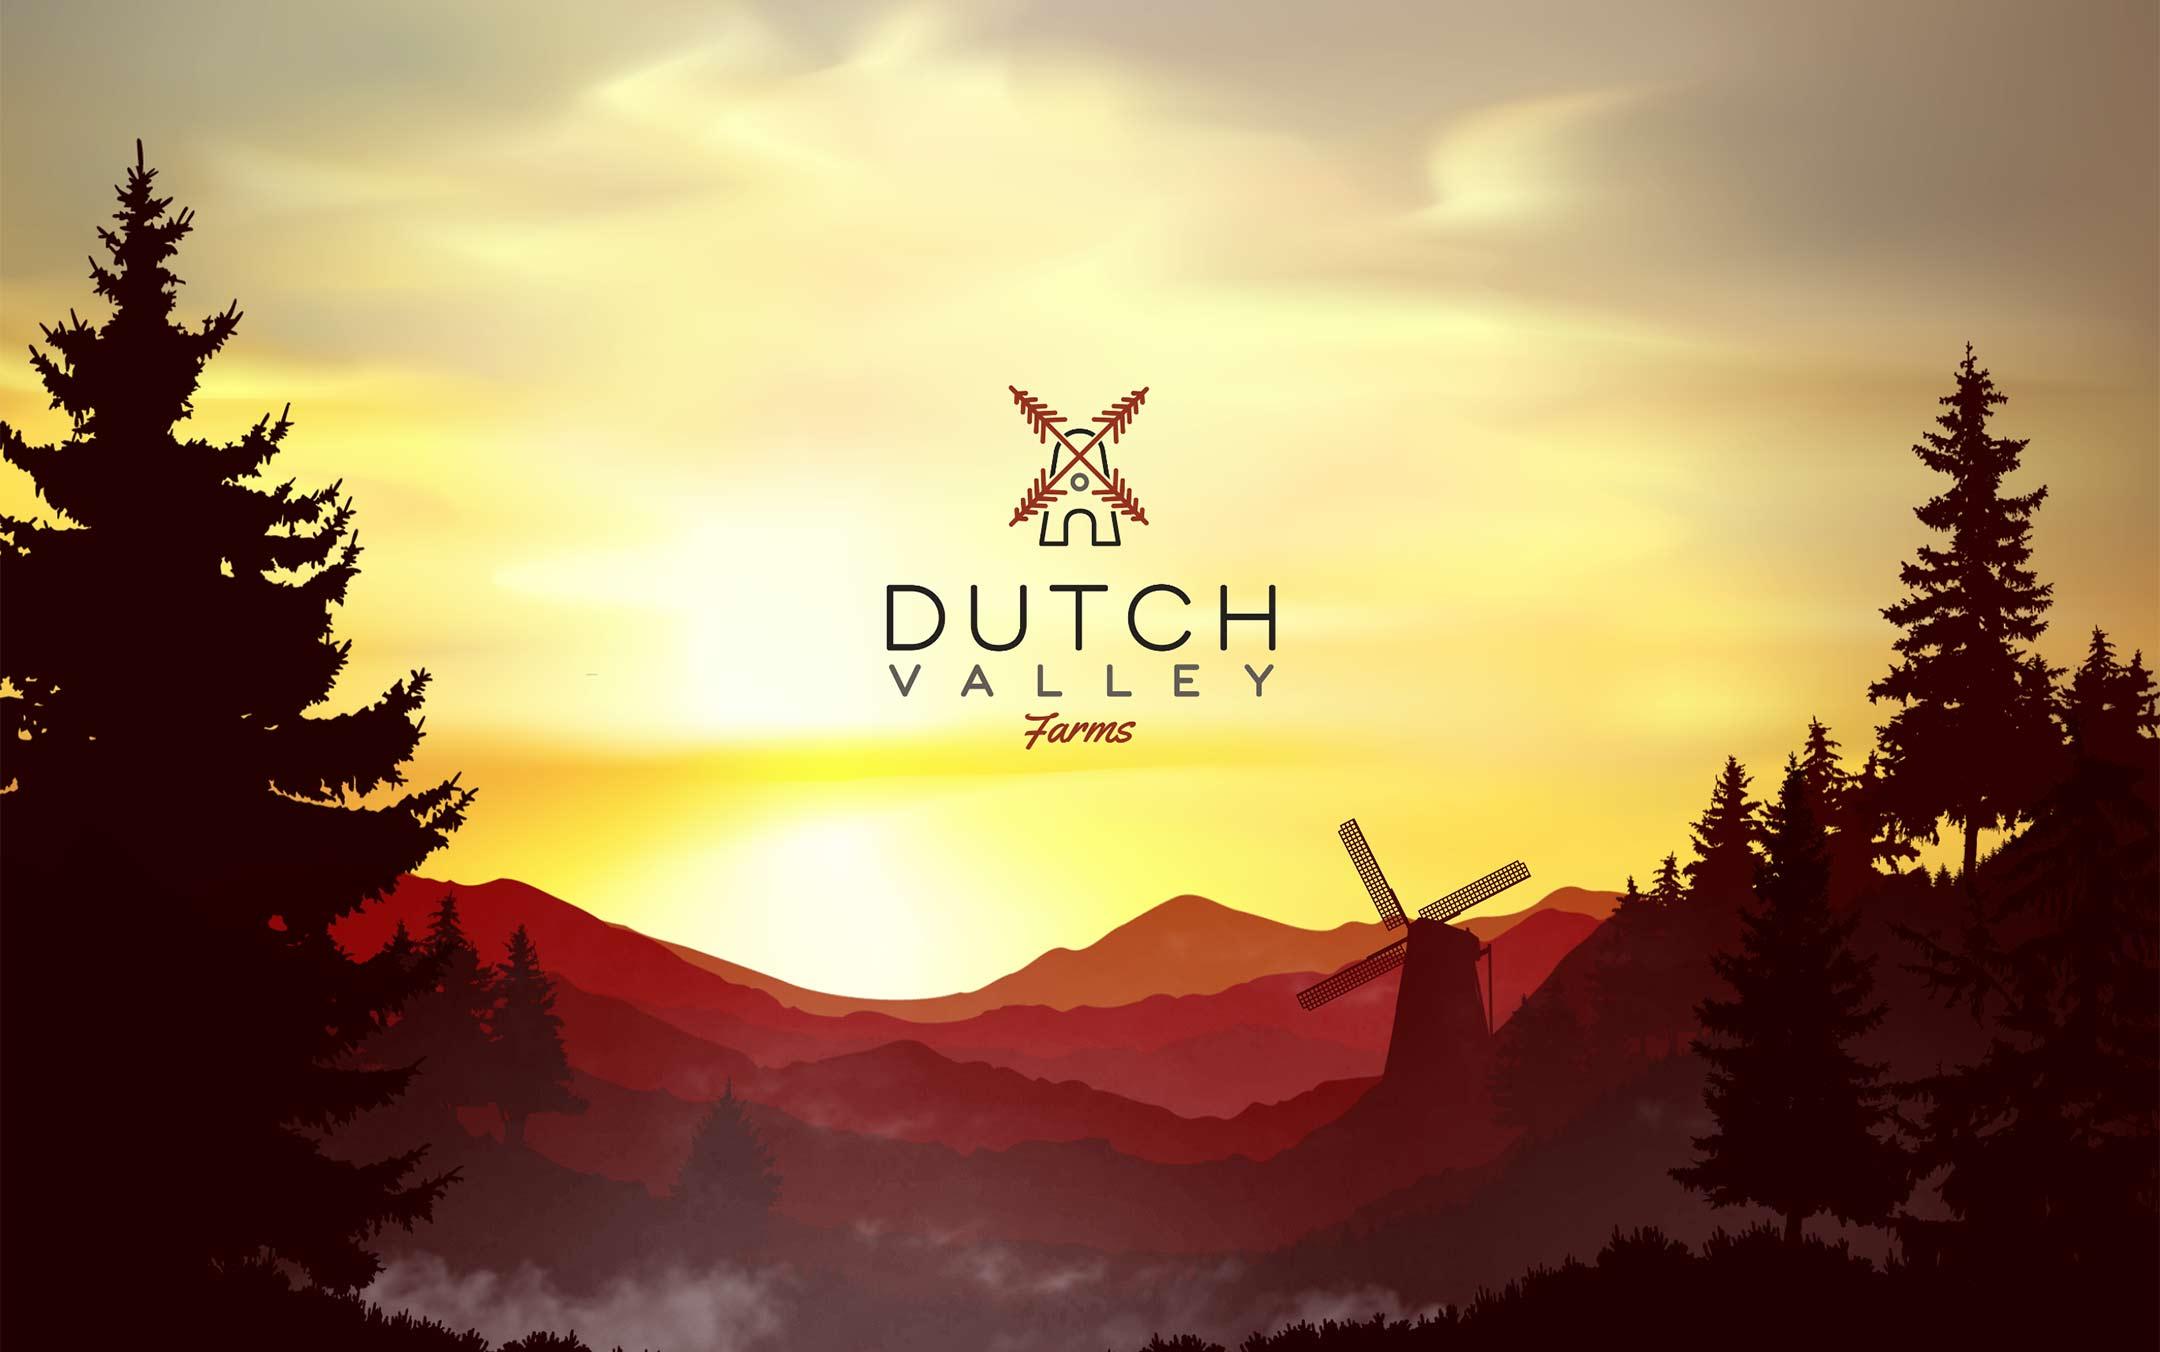 Dutch Valley Farms cannabis